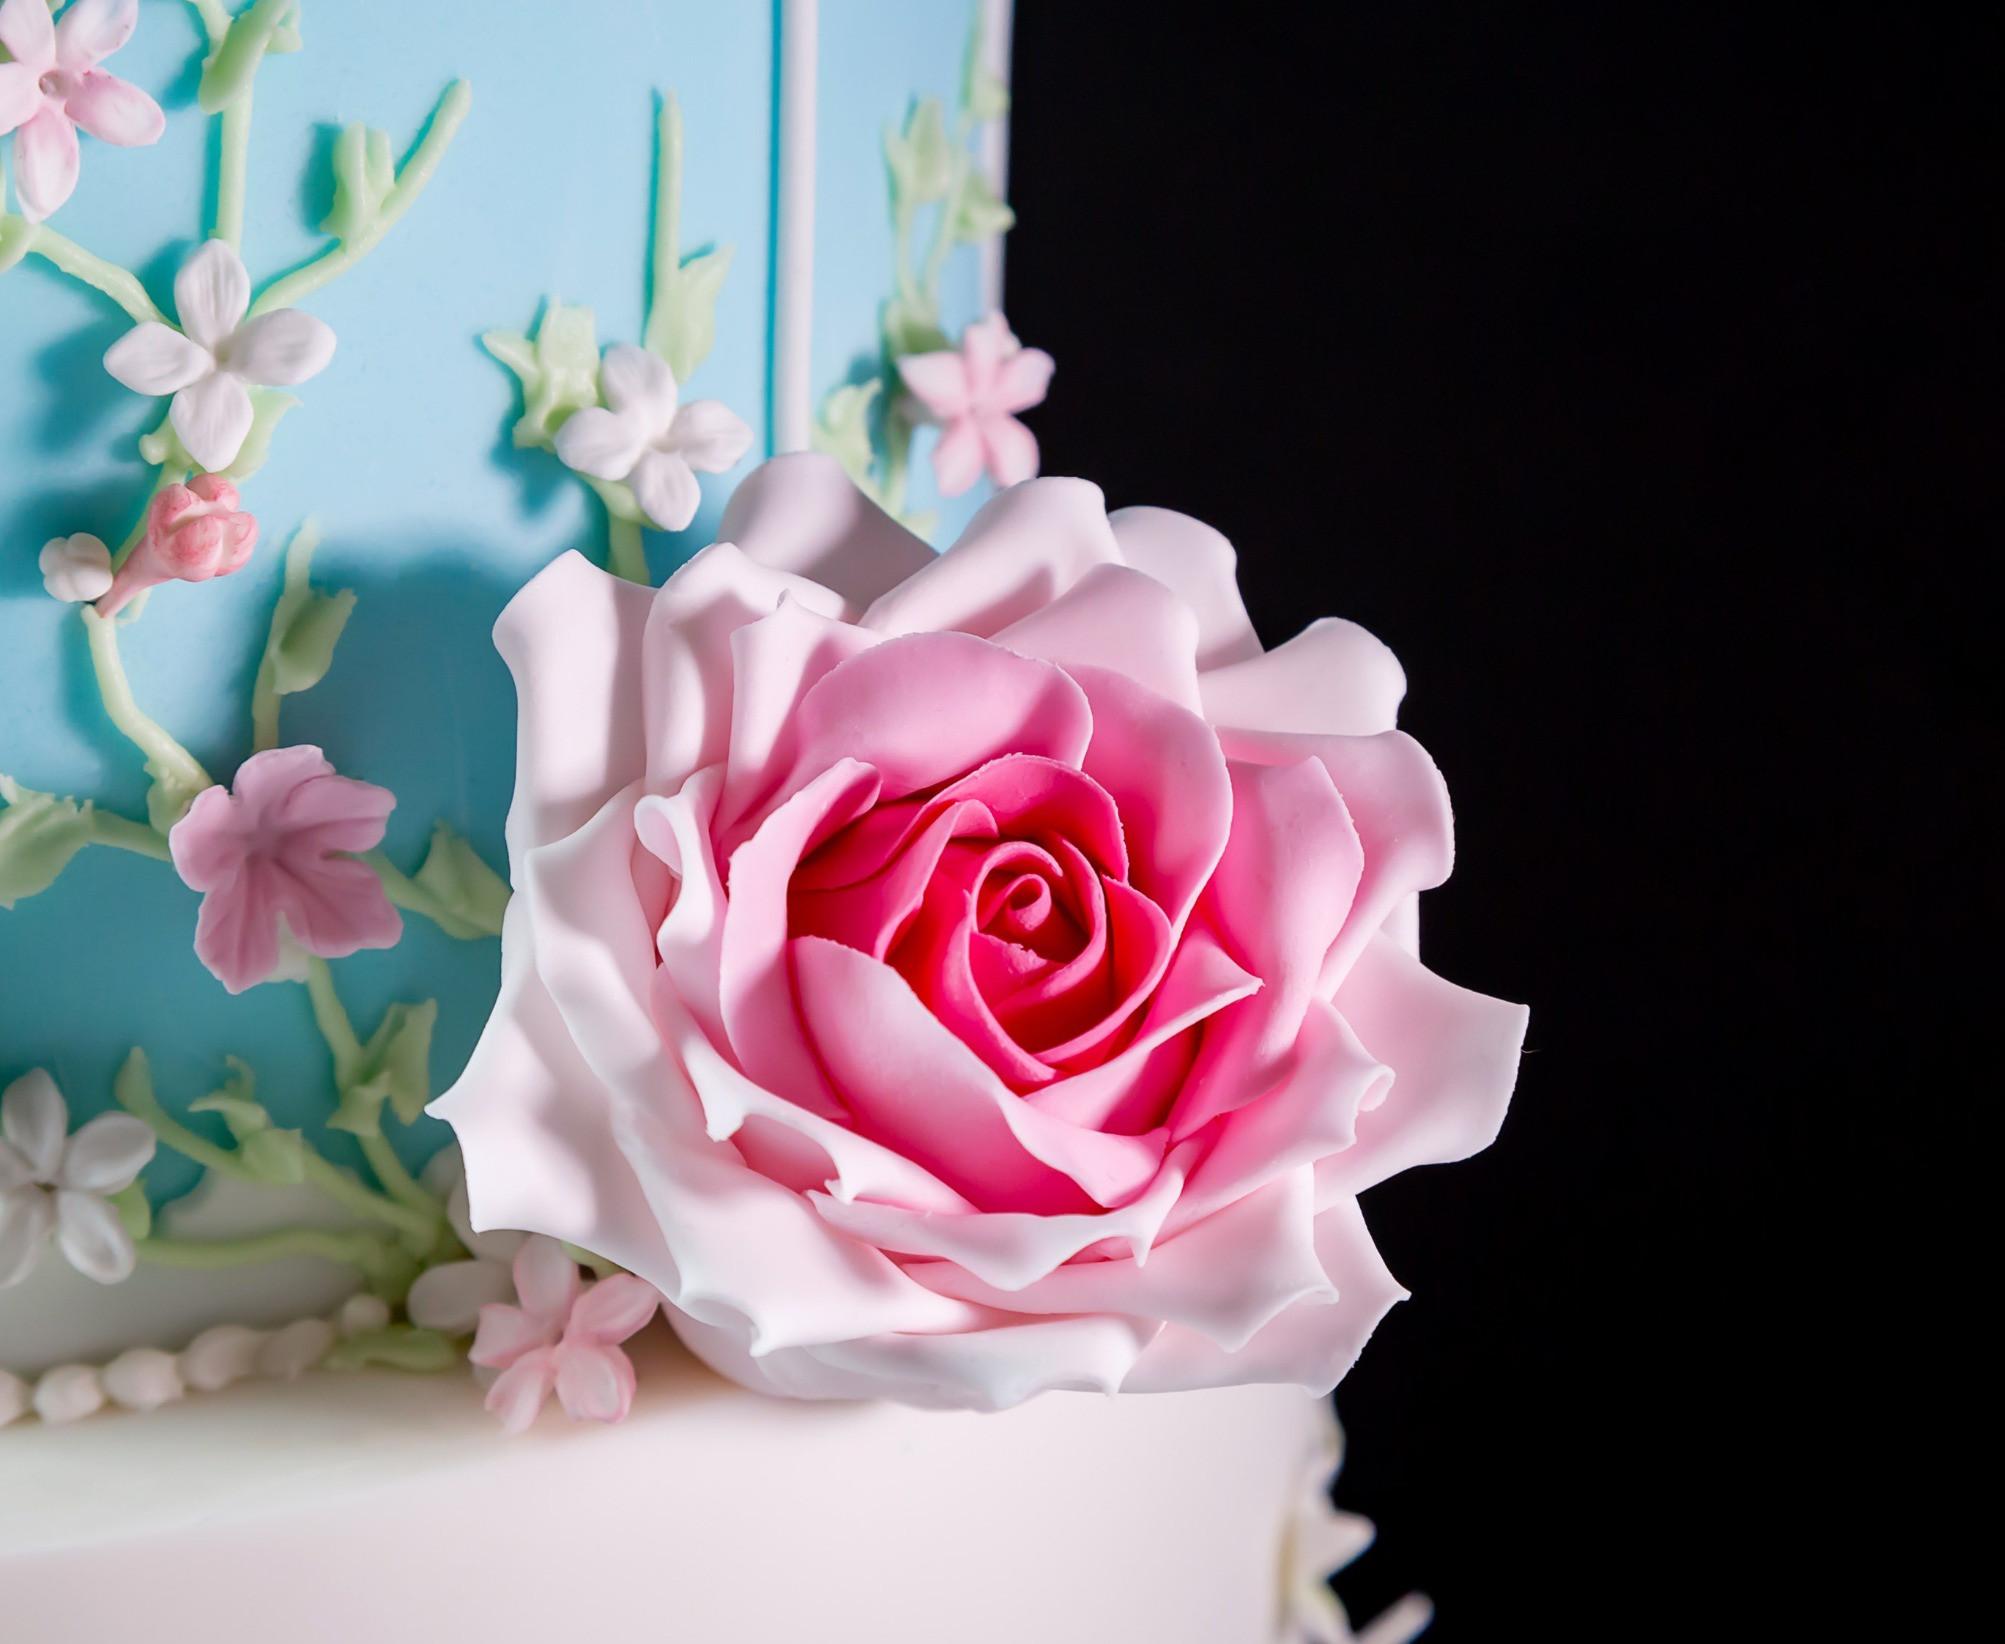 Sugar Rose and Blossom Class